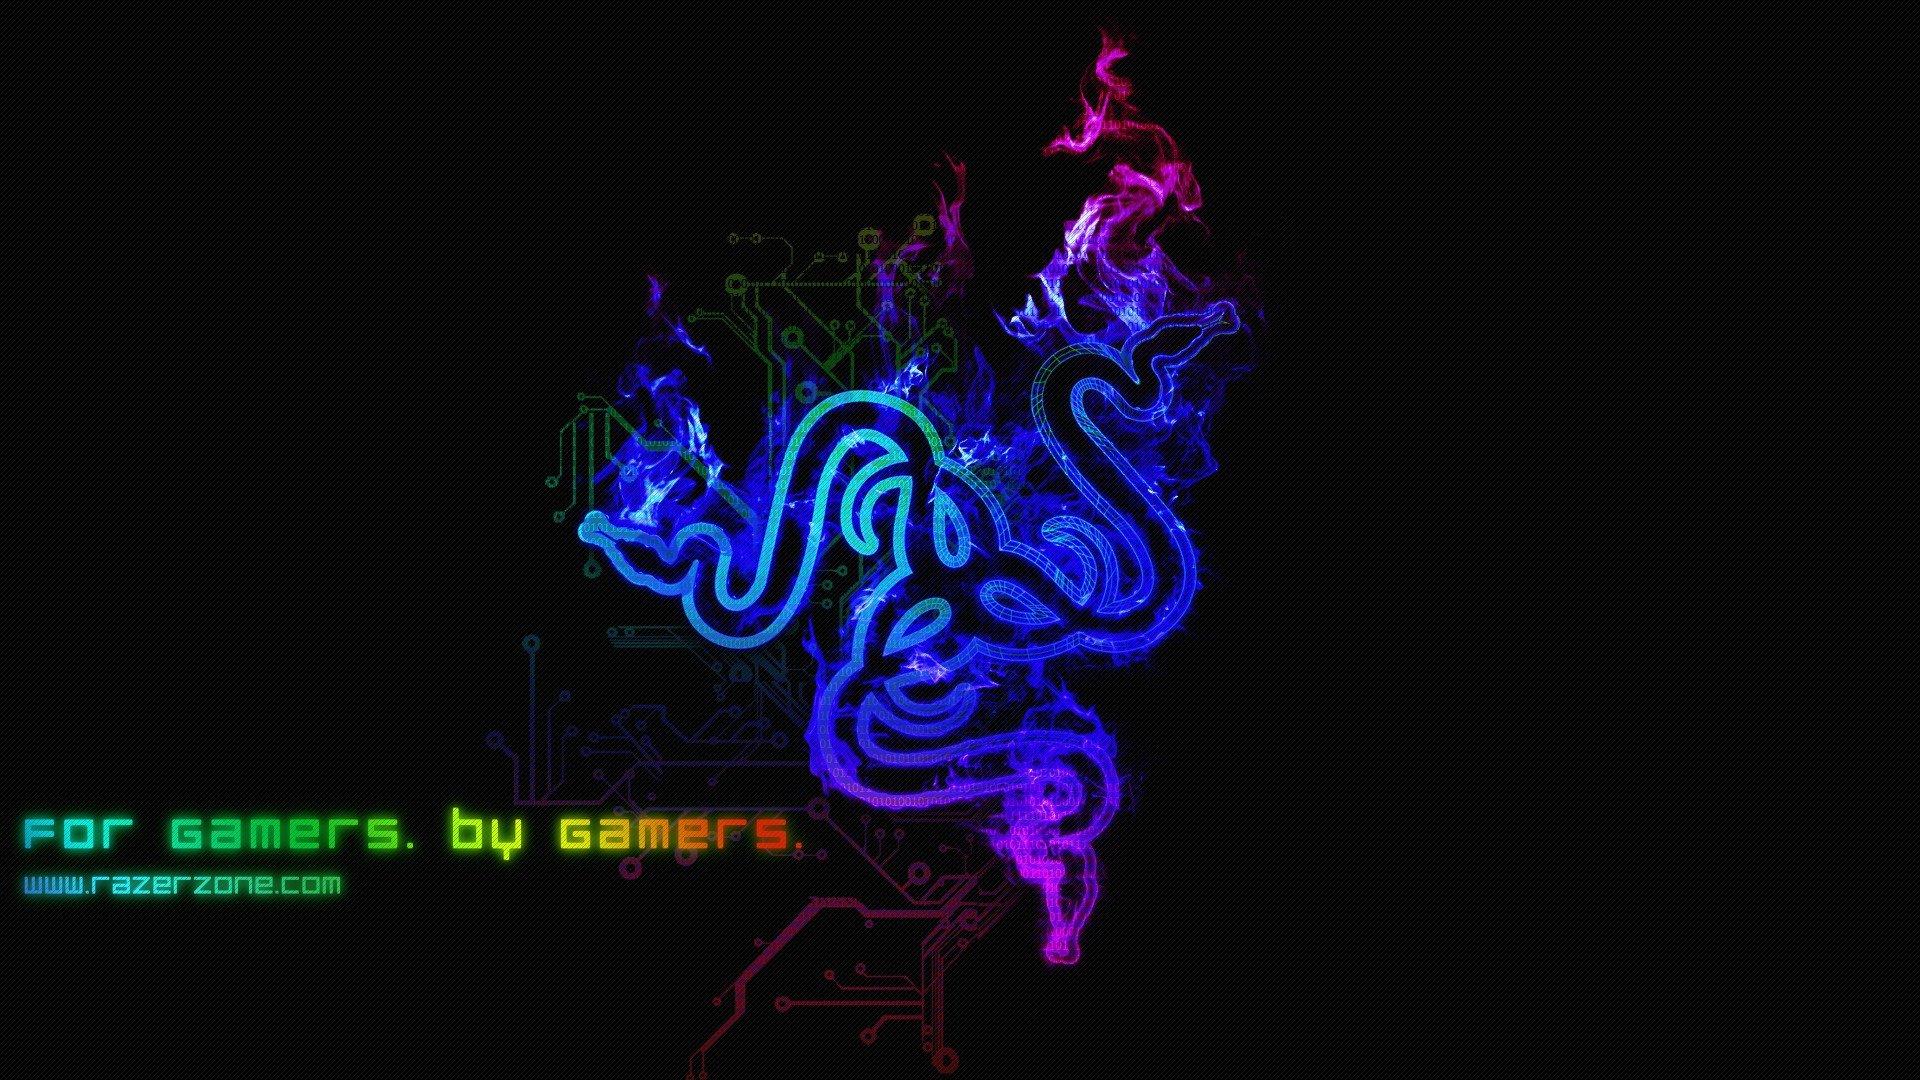 Razer HD Wallpaper Hintergrund 1920x1080 ID756371